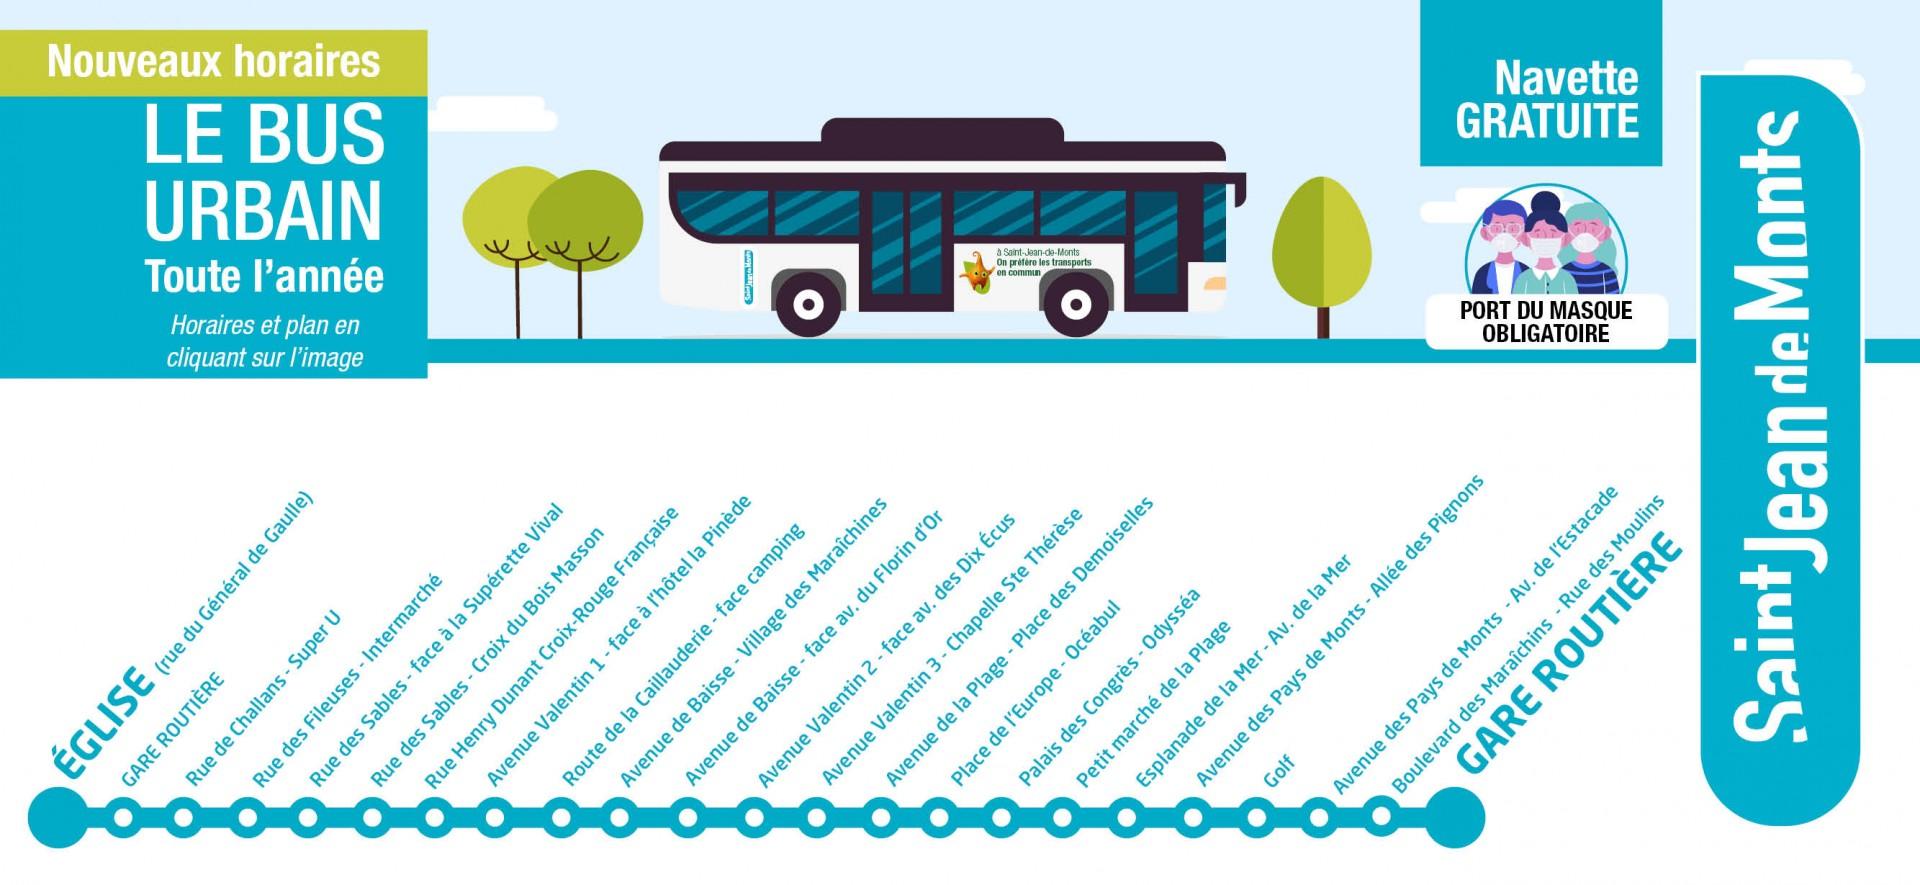 bus-urbain-bandeausite-2021-9021